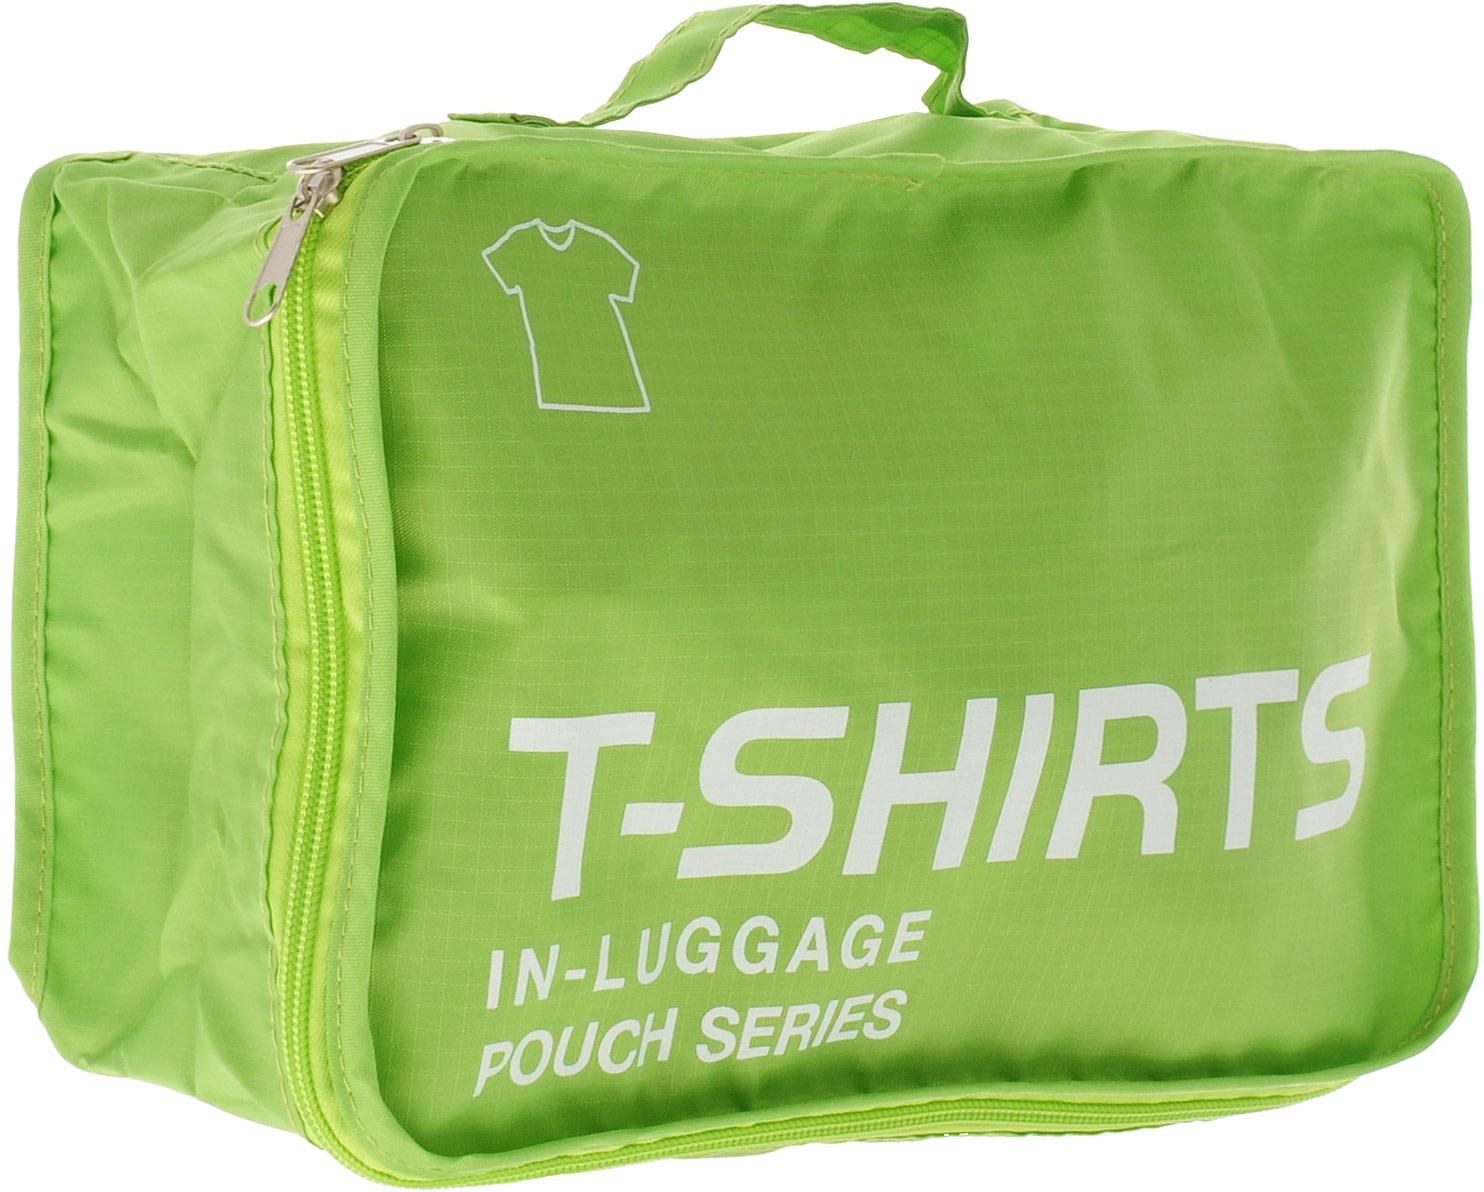 Colibri Чехол для одежды, цвет: зеленый, 31 х 21 х 12 смCW5760 (GREEN)Чехол для одежды Colibri выполнен из 100% полиэстера. Закрывается на молнию. Изделие предназначено для хранения и транспортировки одежды: футболок, нижнего белья. Благодаря небольшим размерам не займет много места у вас в чемодане. Для переноски предусмотрена ручка. Верх дополнен надписью: T-Shirts In Luggage Pouch Series.